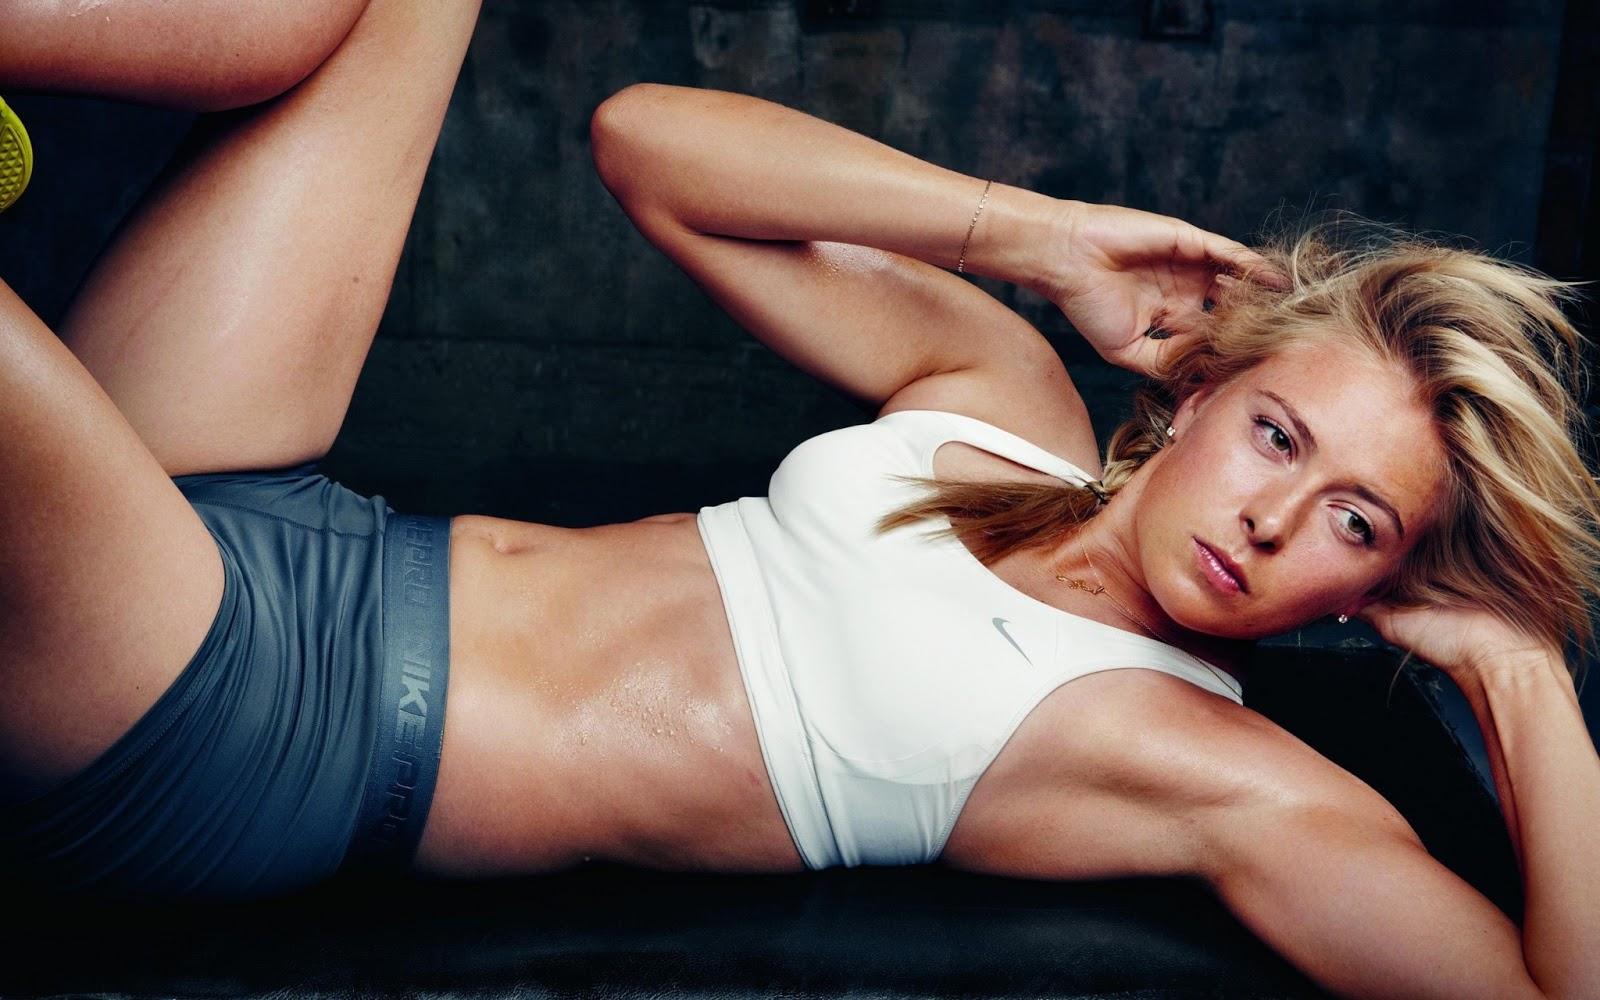 http://1.bp.blogspot.com/-9BsvWw2GjmU/USH-5dnbS-I/AAAAAAAAJ2g/3OzLxoXjP_o/s1600/Maria+Sharapova+New+Picture+2013+05.jpg